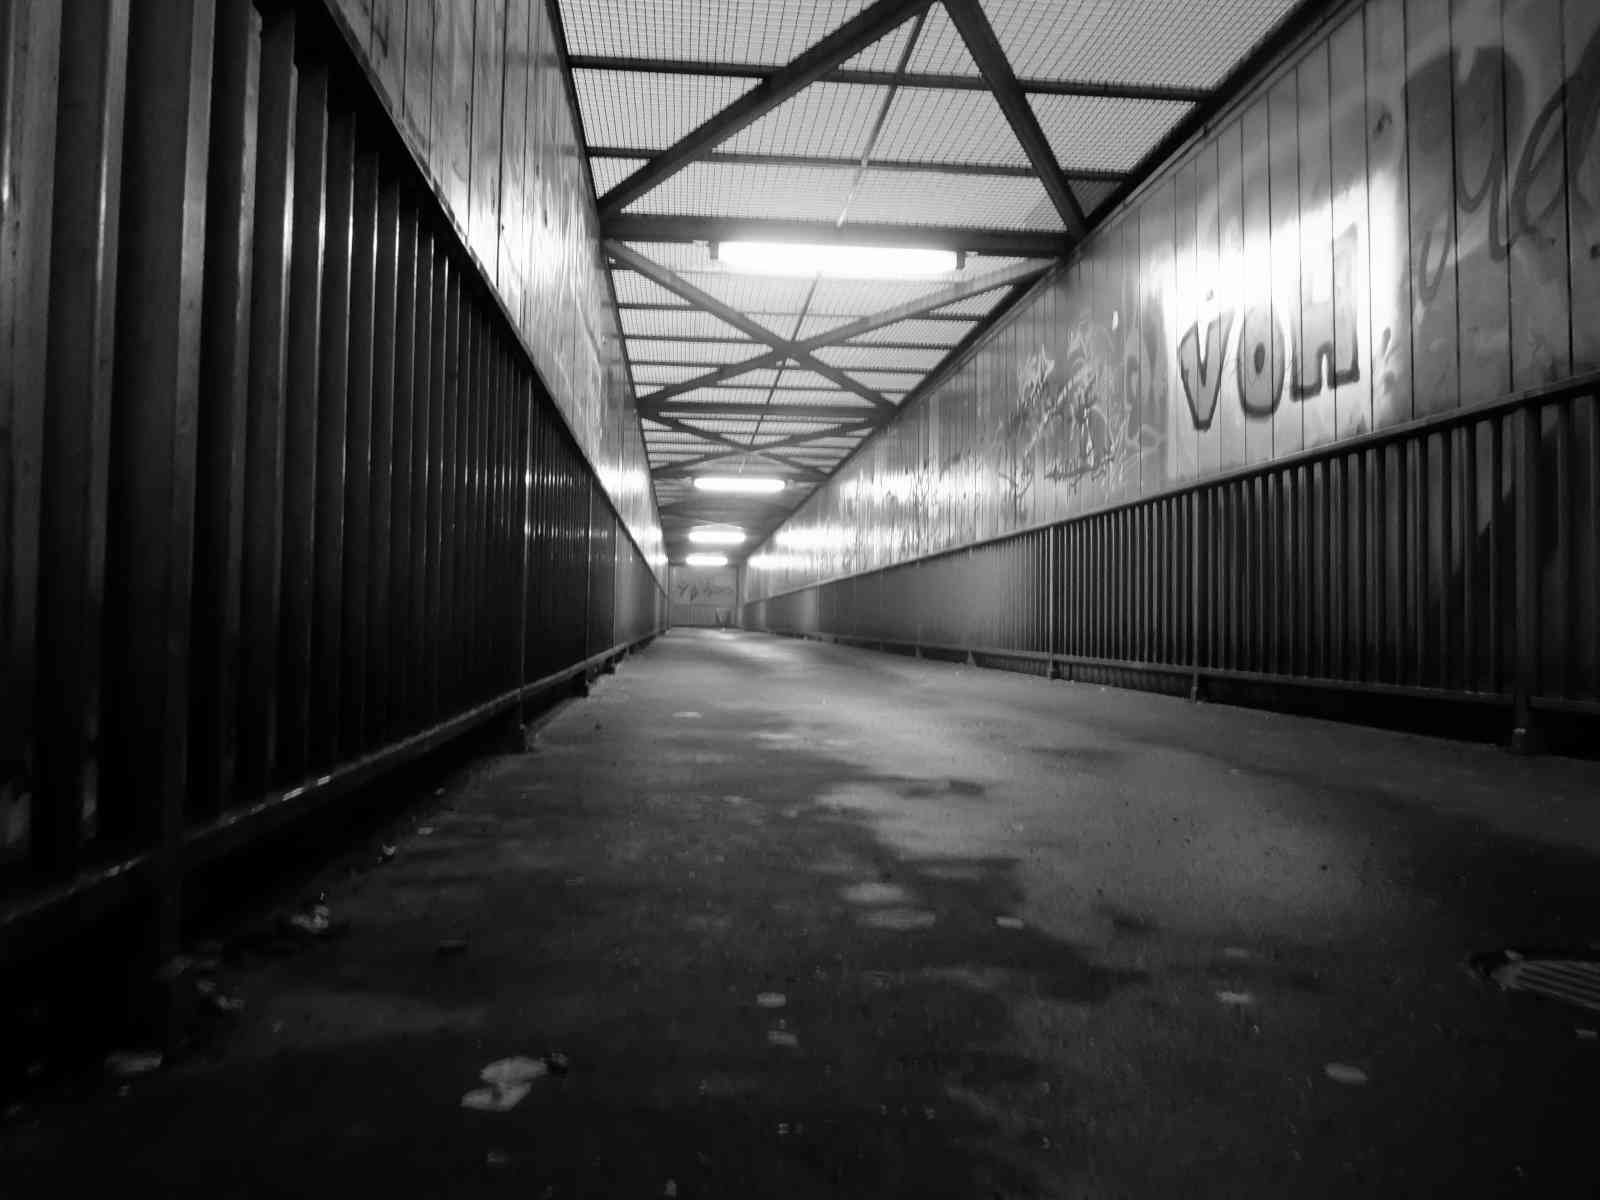 Tiergartentreppe - Das Ende ist nah